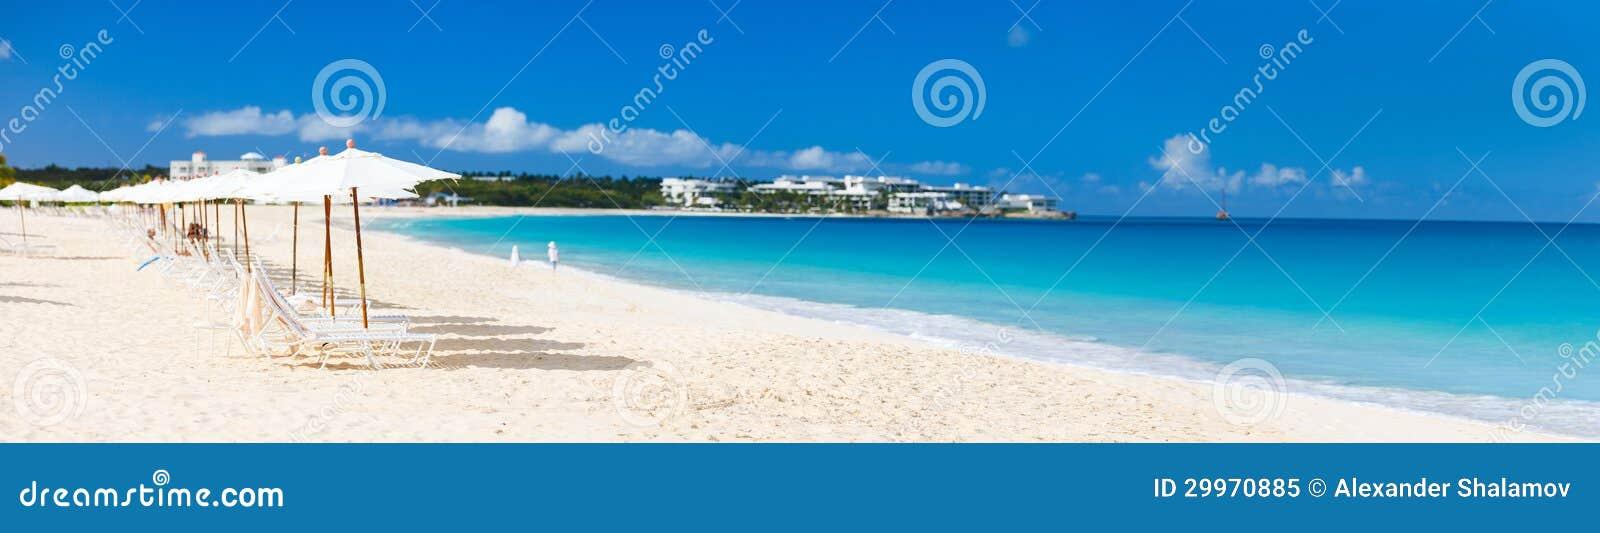 Panorama eines schönen karibischen Strandes